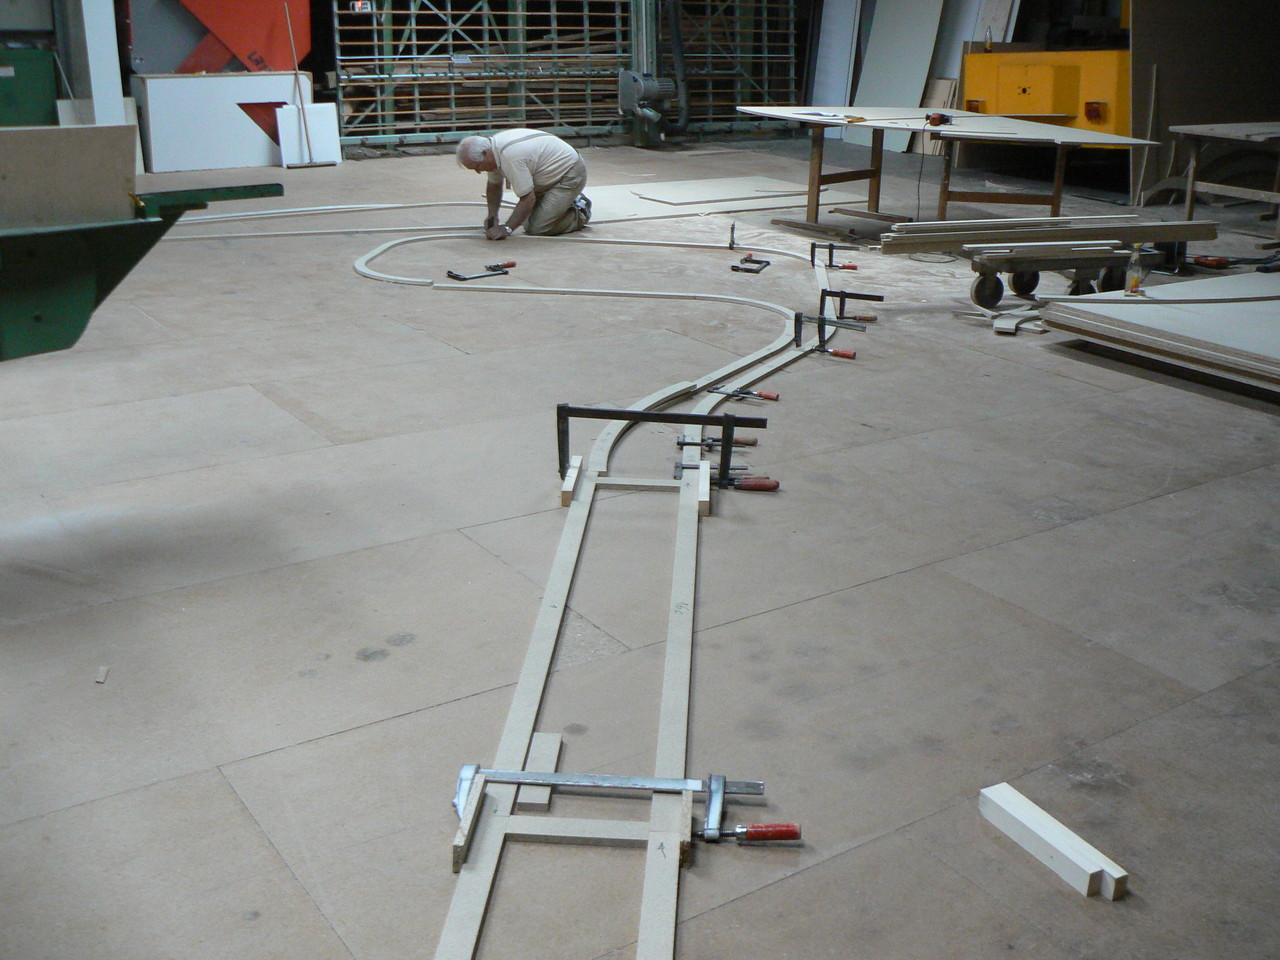 Die Trassenteile werden vor der Montage (an der Decke) am Boden ausgelegt und kontrolliert